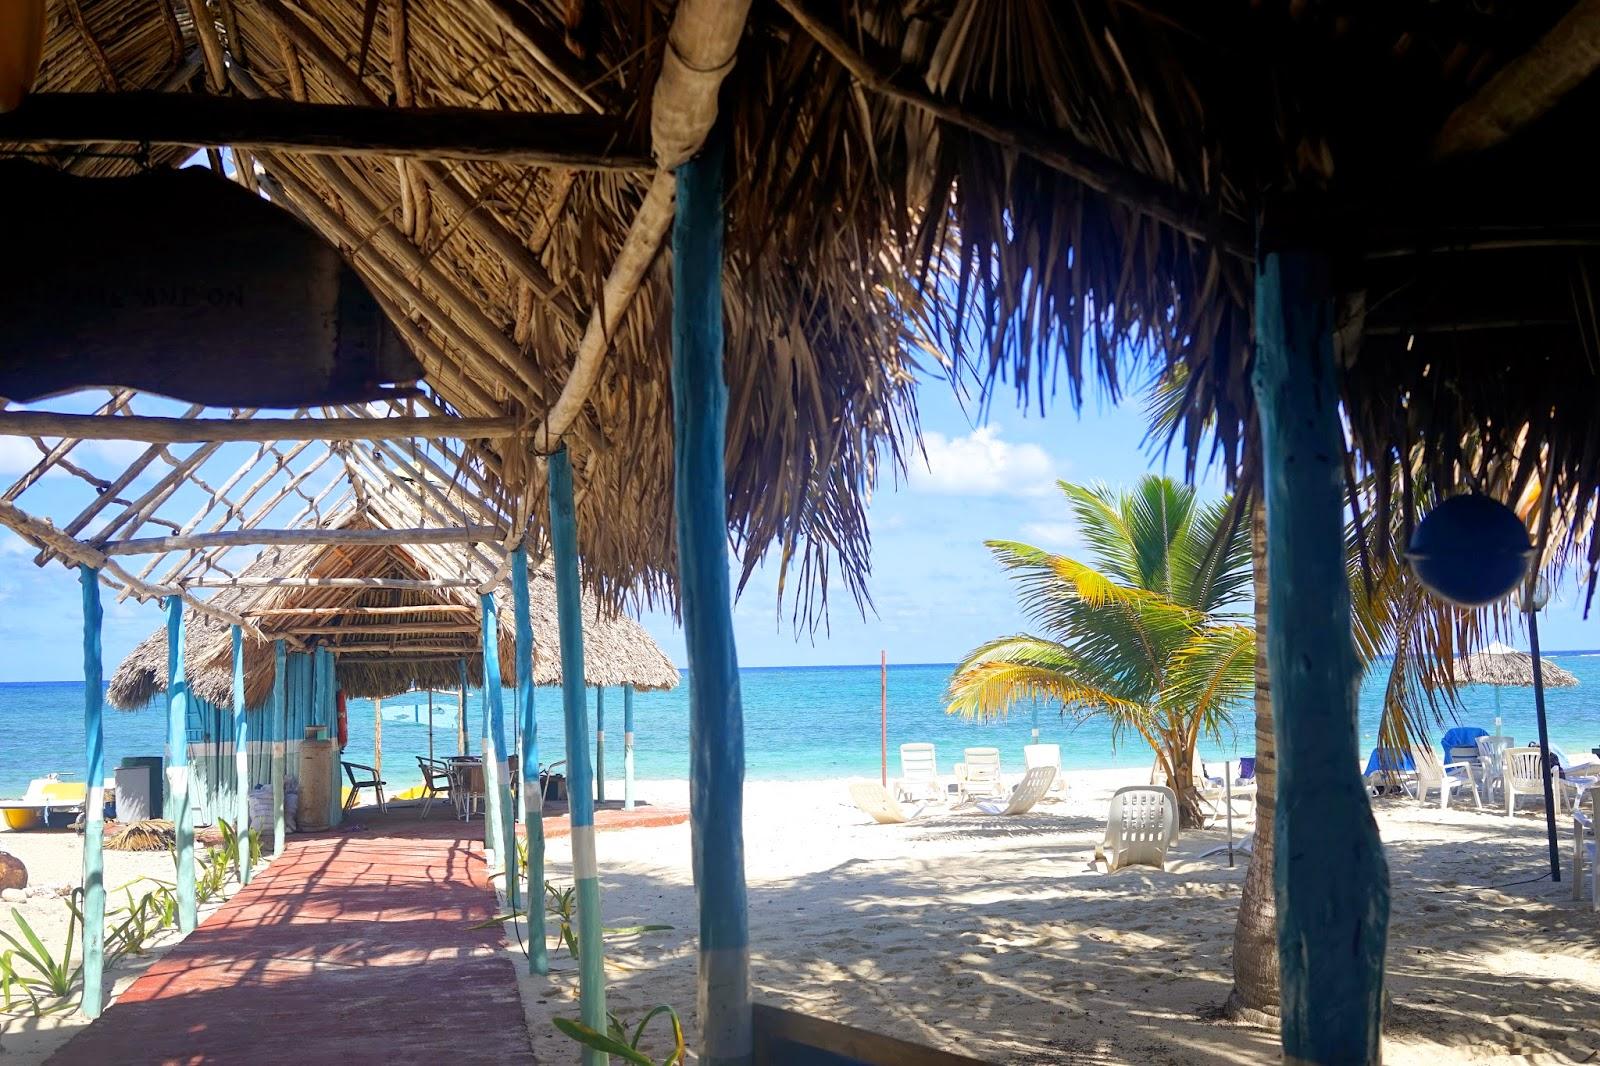 playa bonita cuba